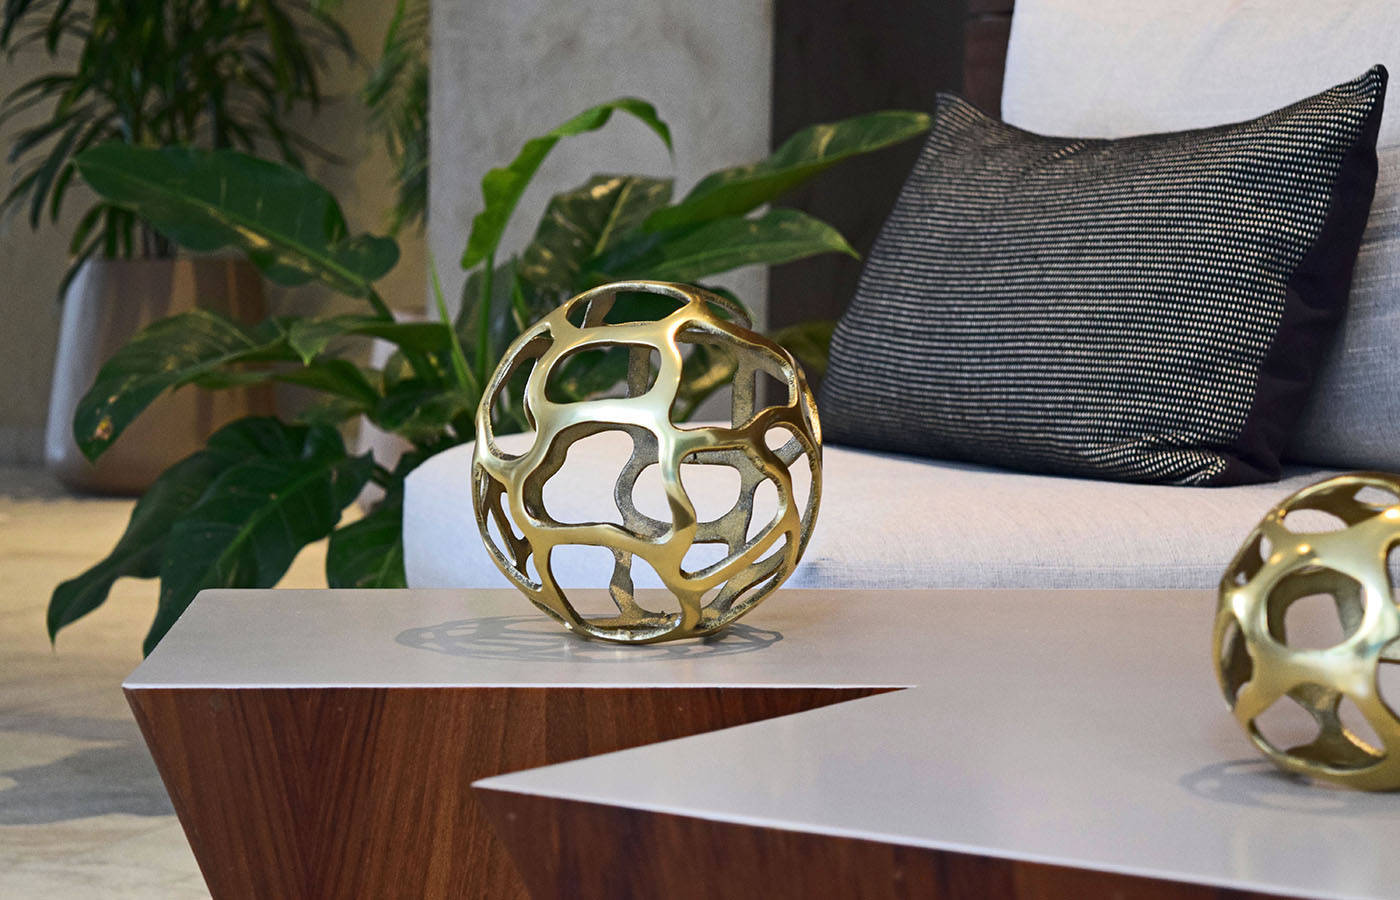 Accesorios Decorativos Global Views Karen Collignon # Muebles Karen Collignon